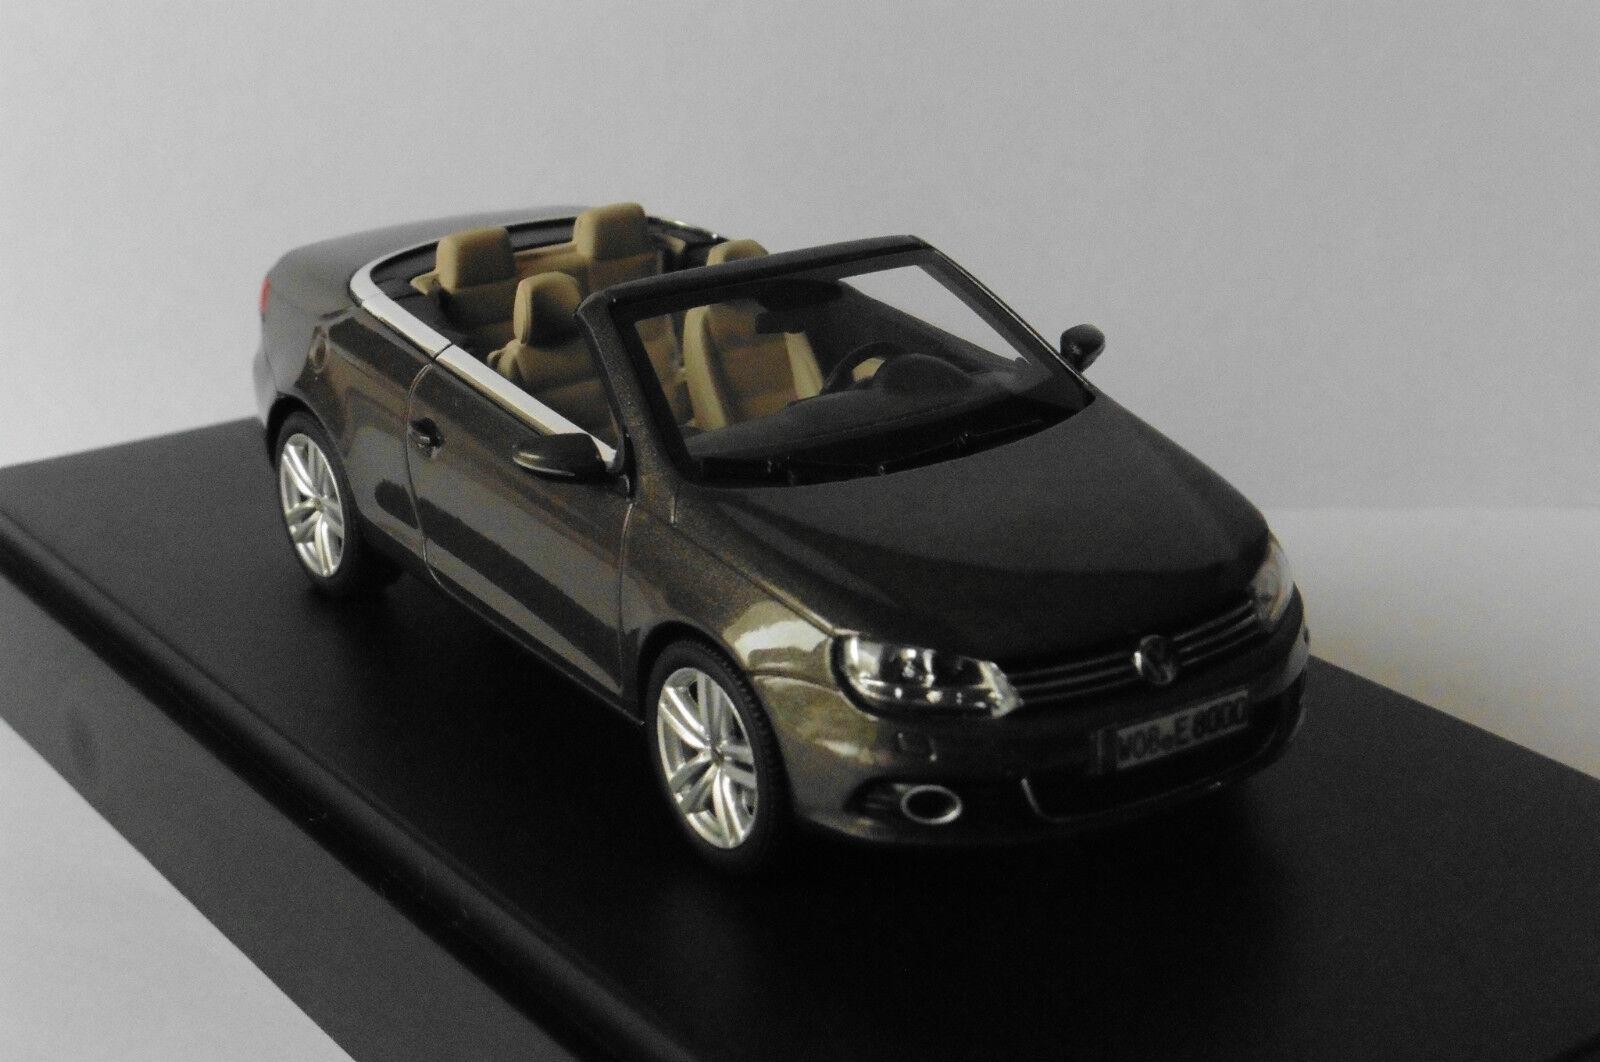 VW VOLKSWAGEN EOS CABRIOLET 2012 marron METAL KYOSHO 1Q1099300B9A 1 43 MARROON